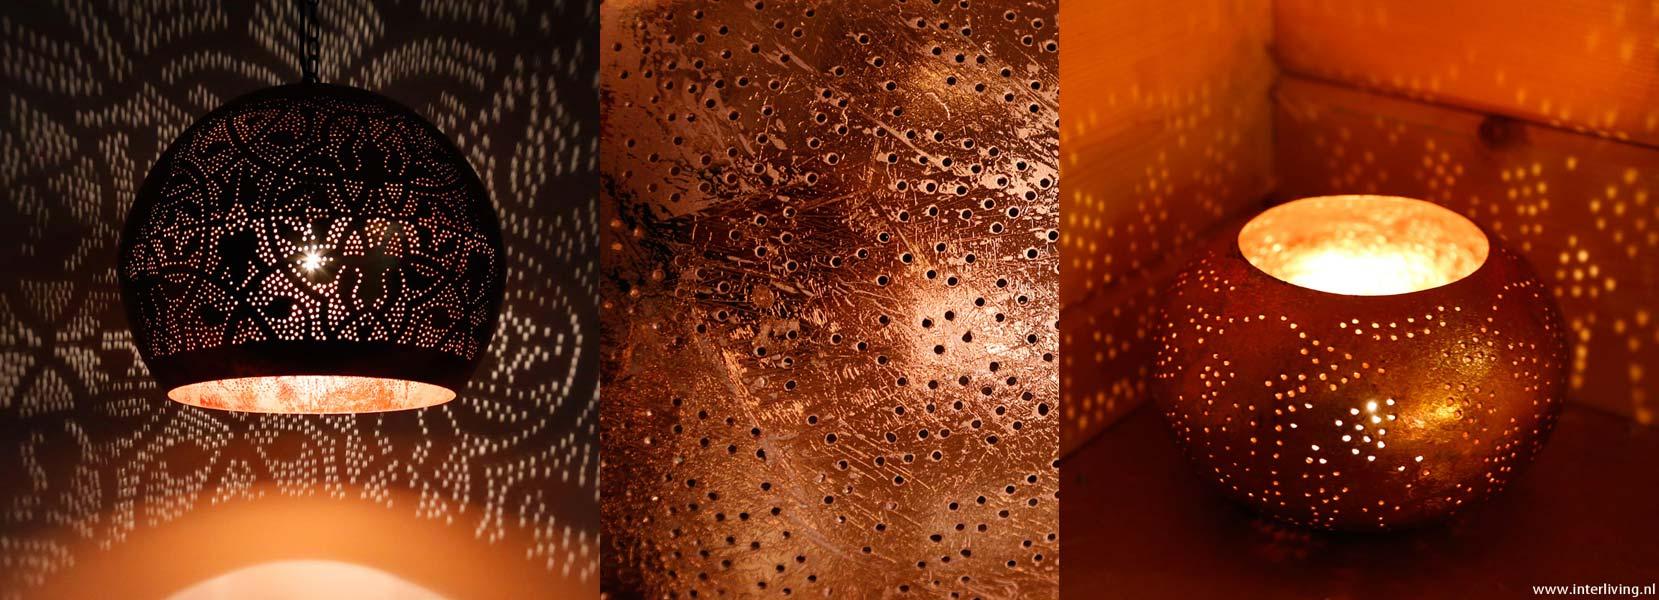 grote bol hanglamp van vintage koper metaal als sfeerlamp voor boven je (eet)tafel compleet met metalen ophangsnoer van stoere schakels en een dopplaatje voor aan het plafond